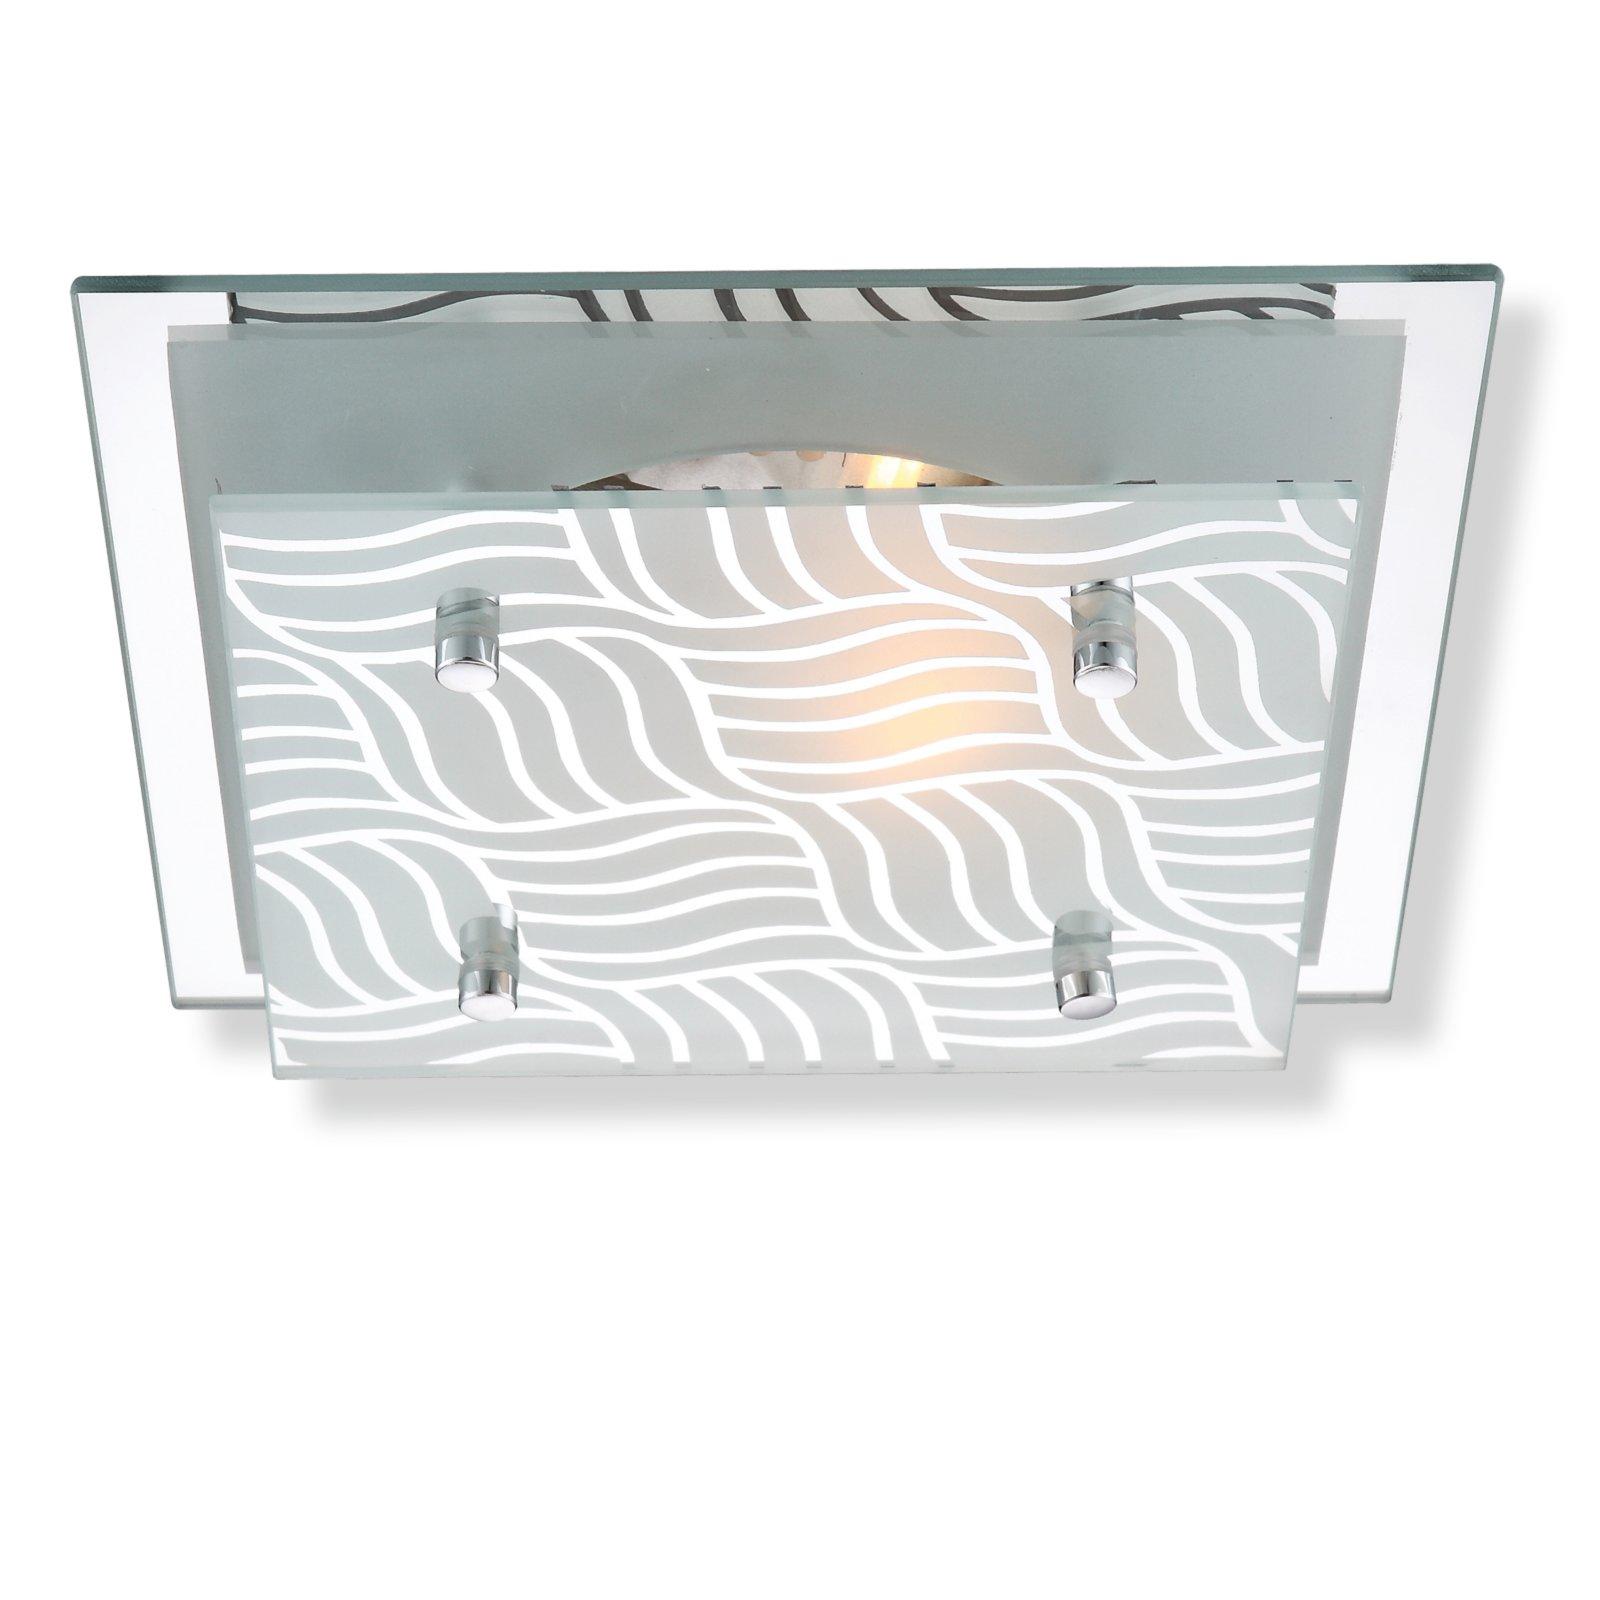 Deckenleuchte metall verchromt glas deckenlampen for Deckenleuchte glas